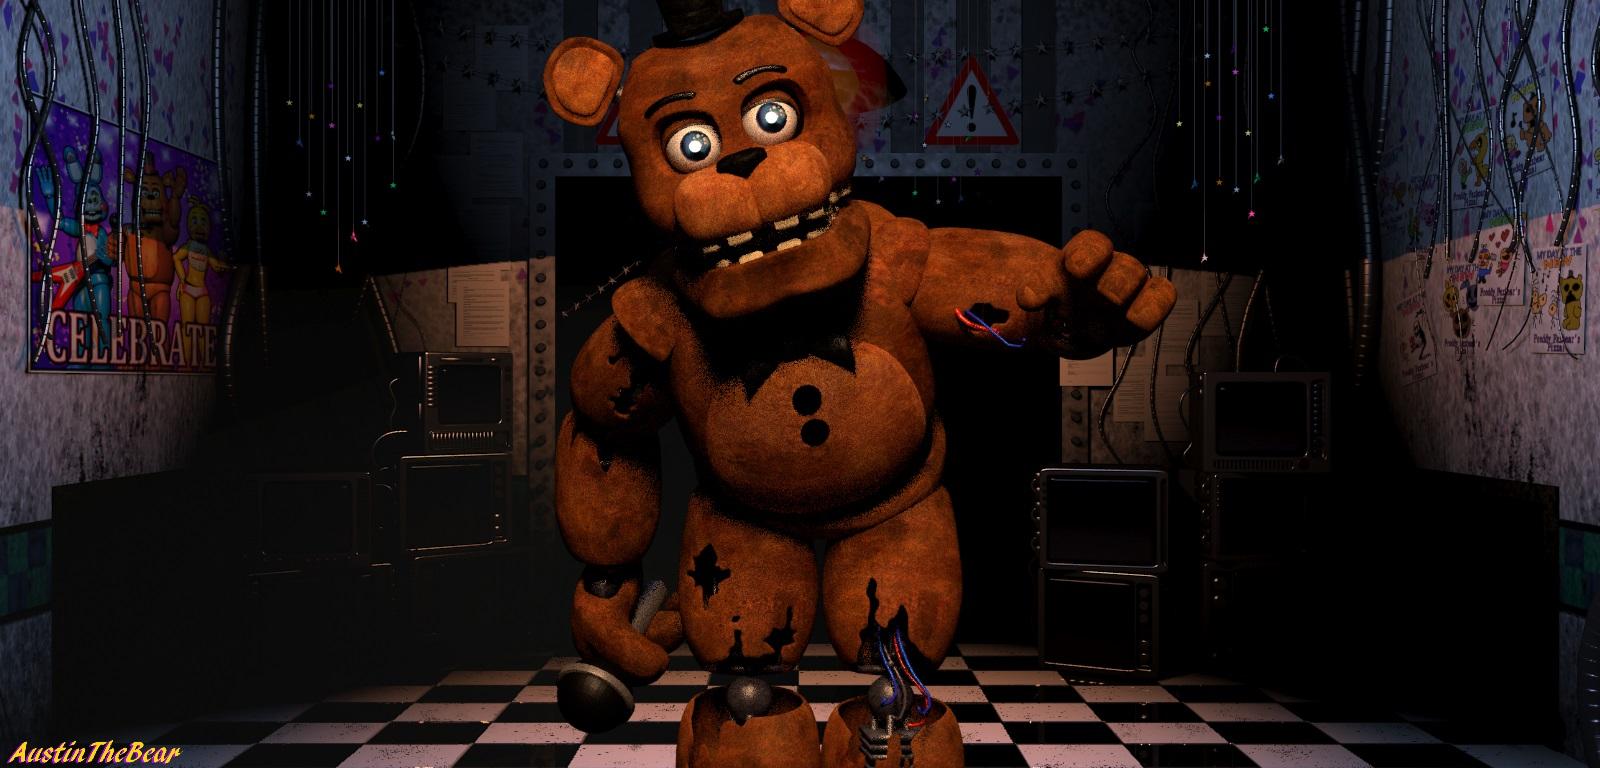 Fnaf 2 Withered Freddy V3 By Austinthebear On Deviantart